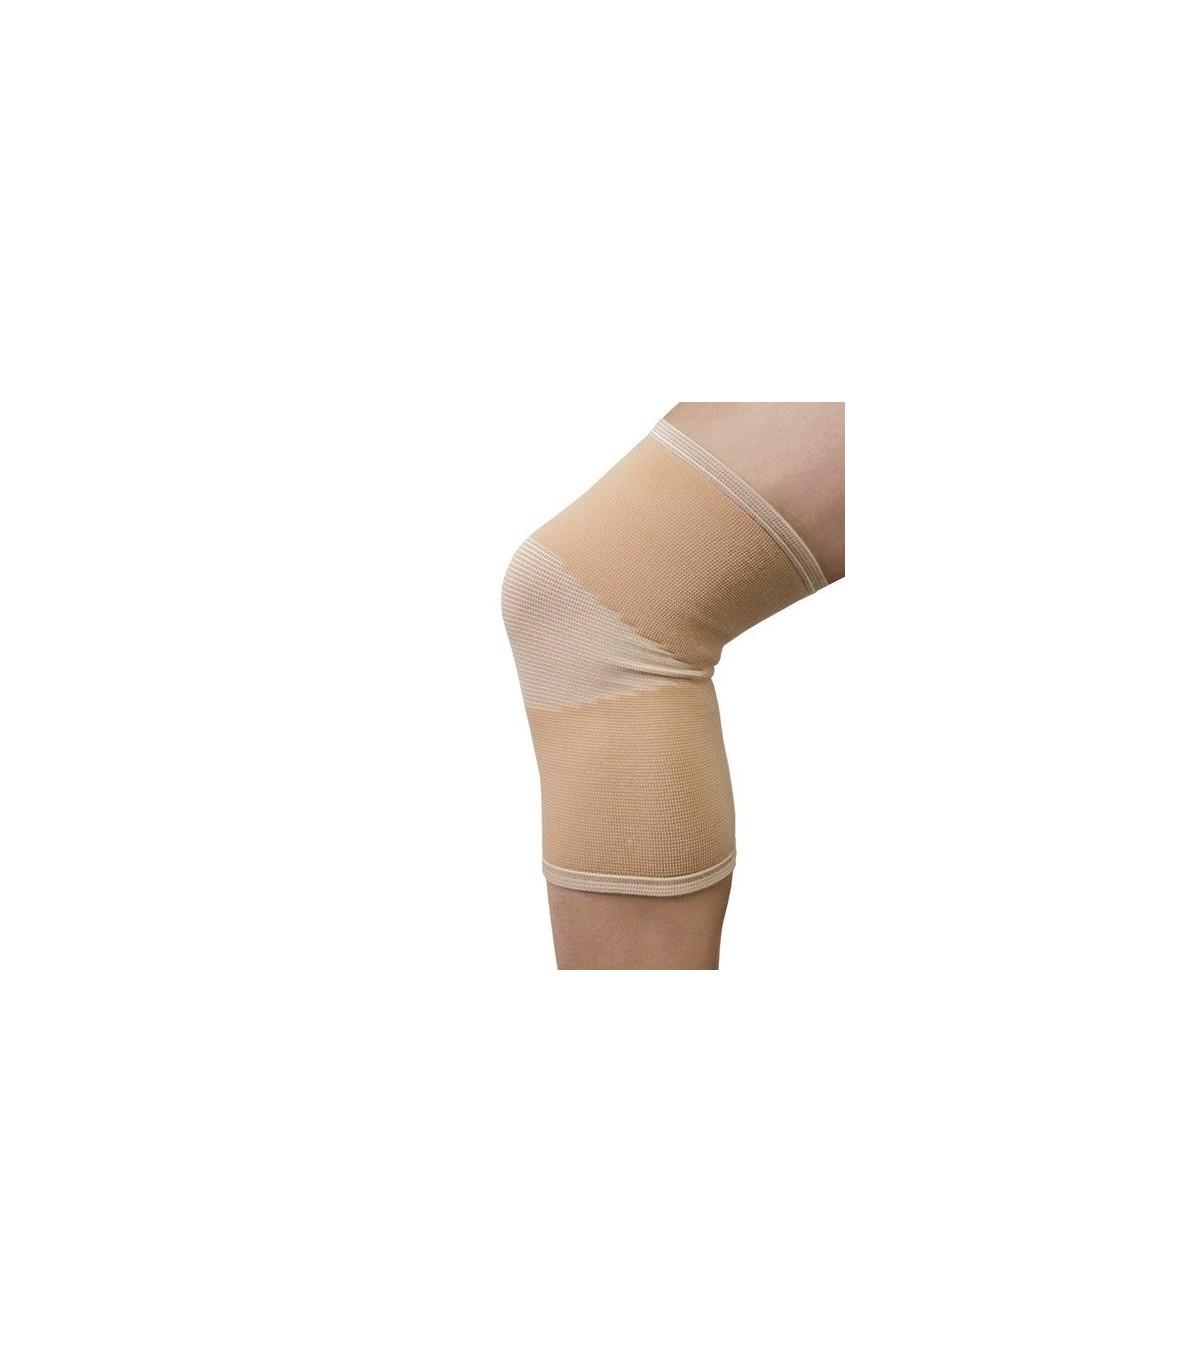 Bandaj artroză. Pentru ce se recomanda bandajul elastic pentru genunchi